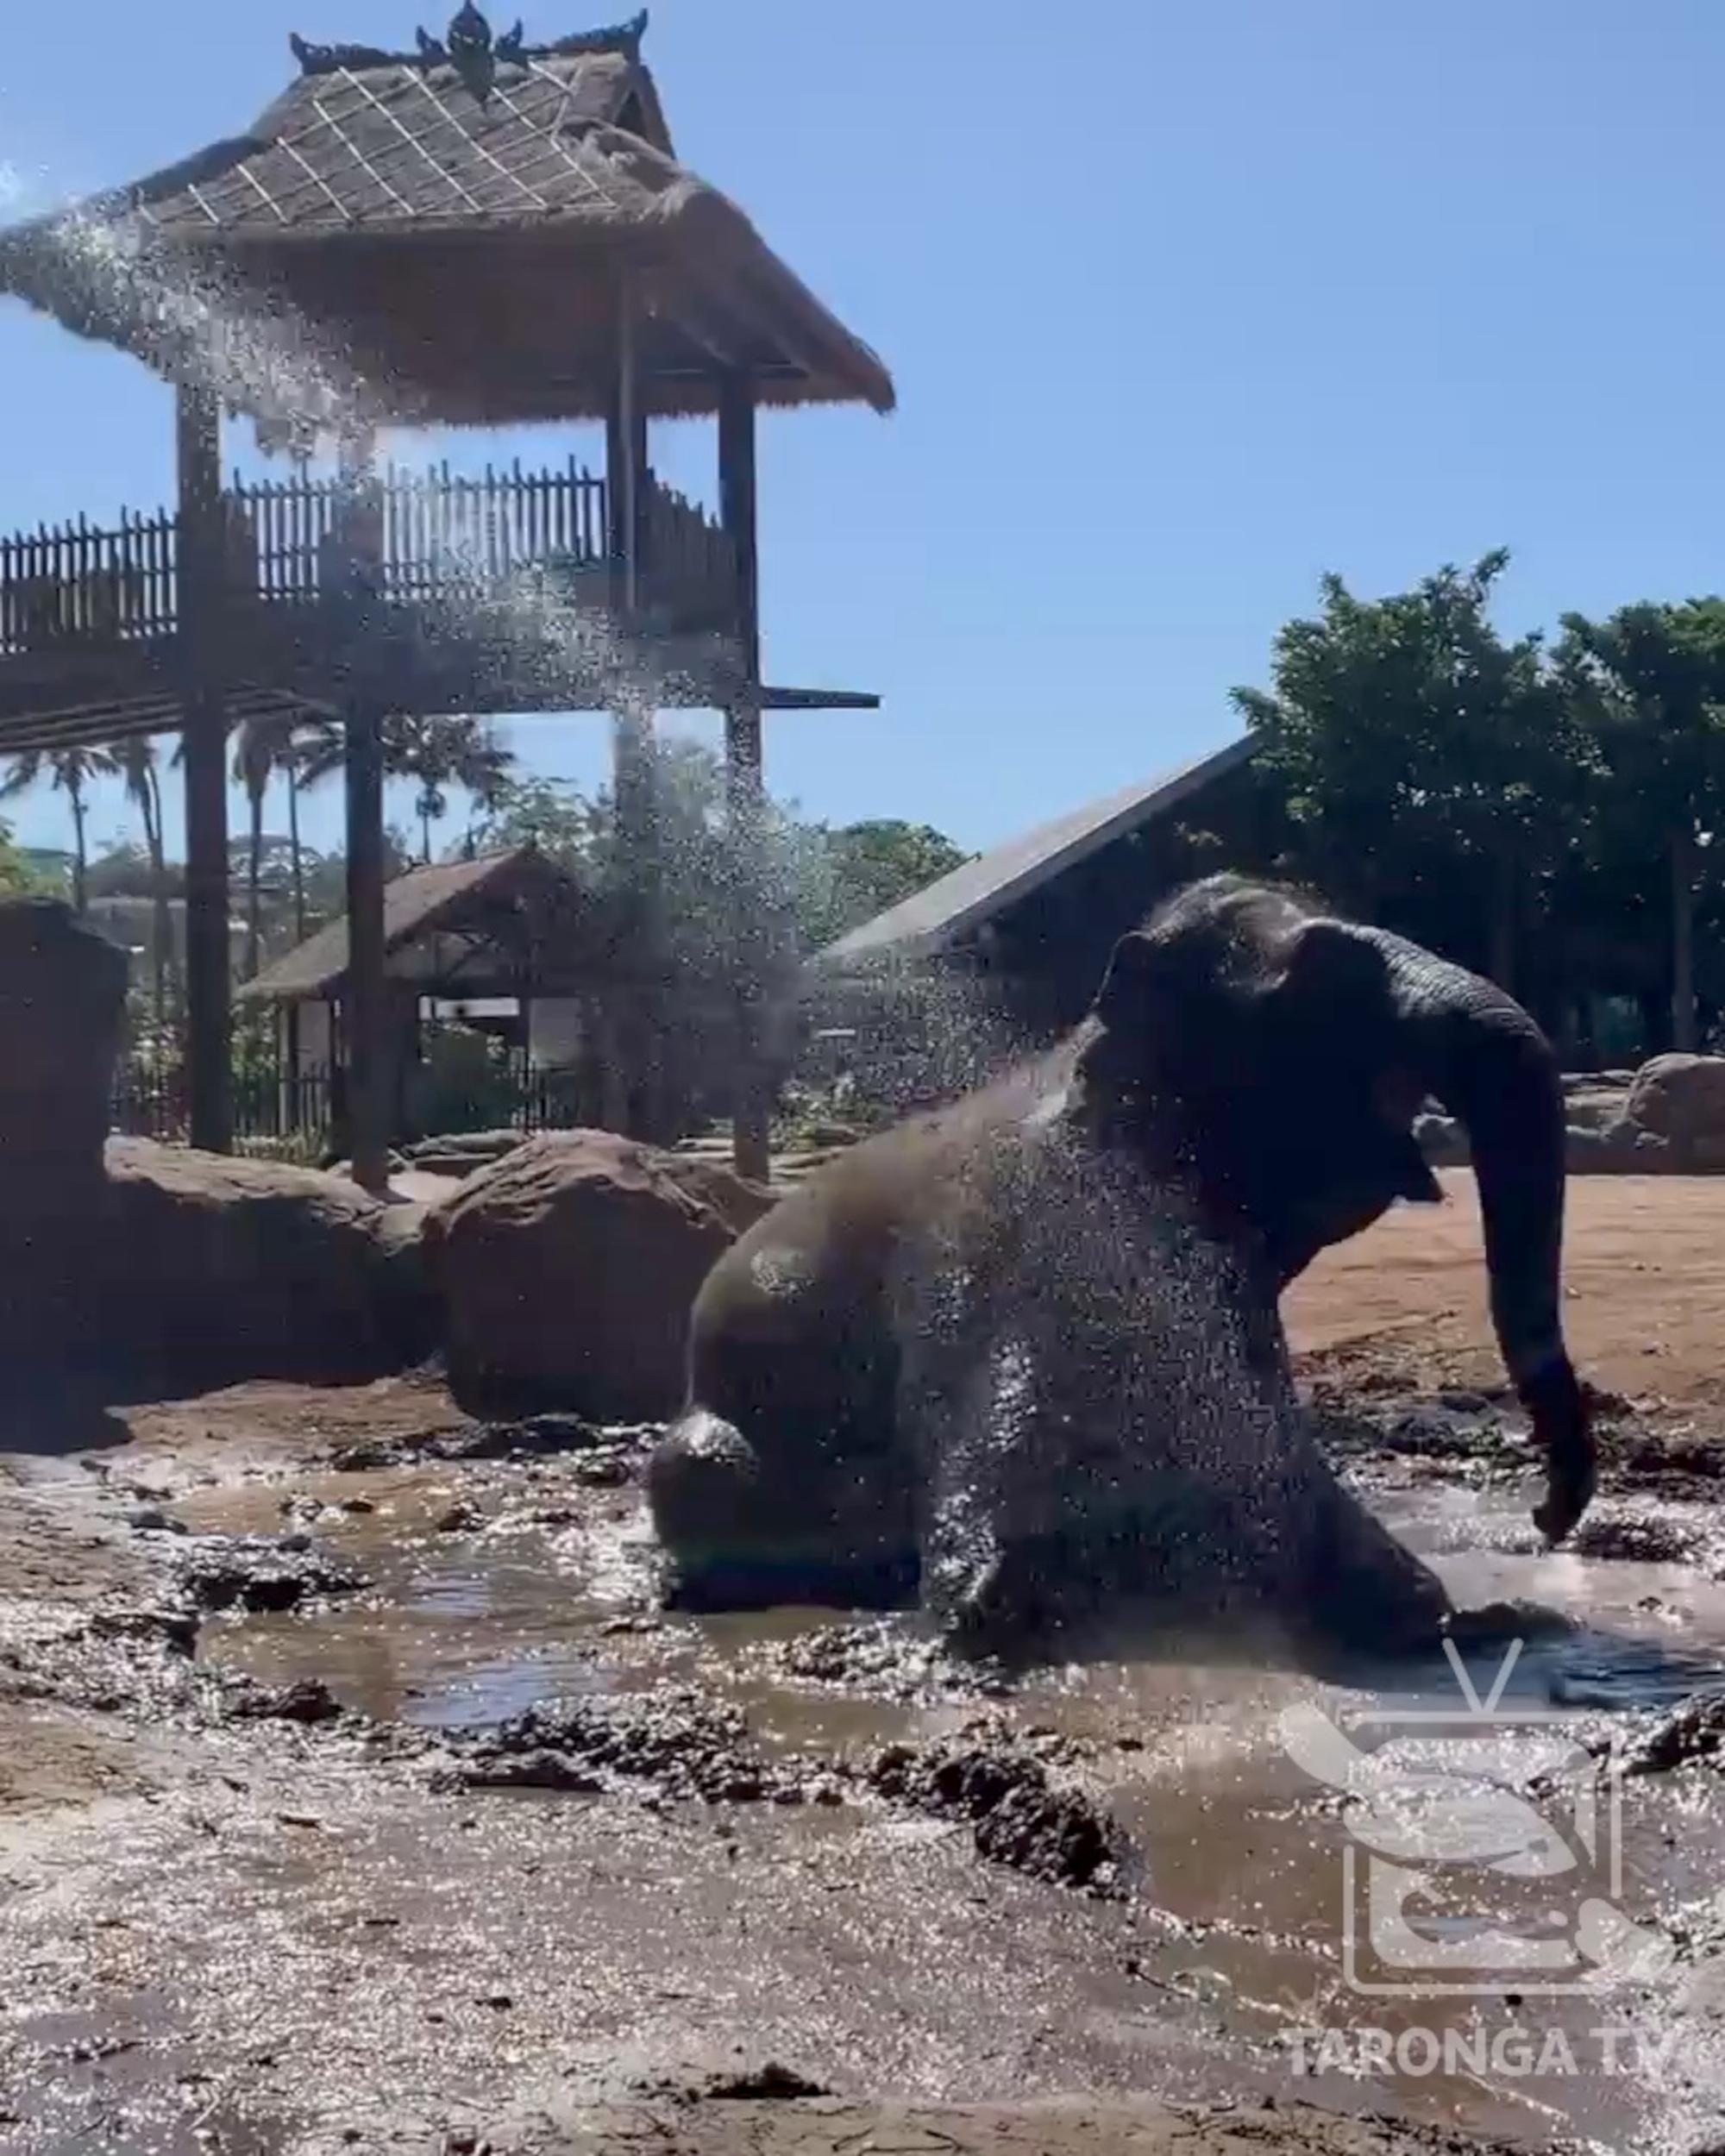 Dirty Fun: Female Elephant Enjoys Mud Bath